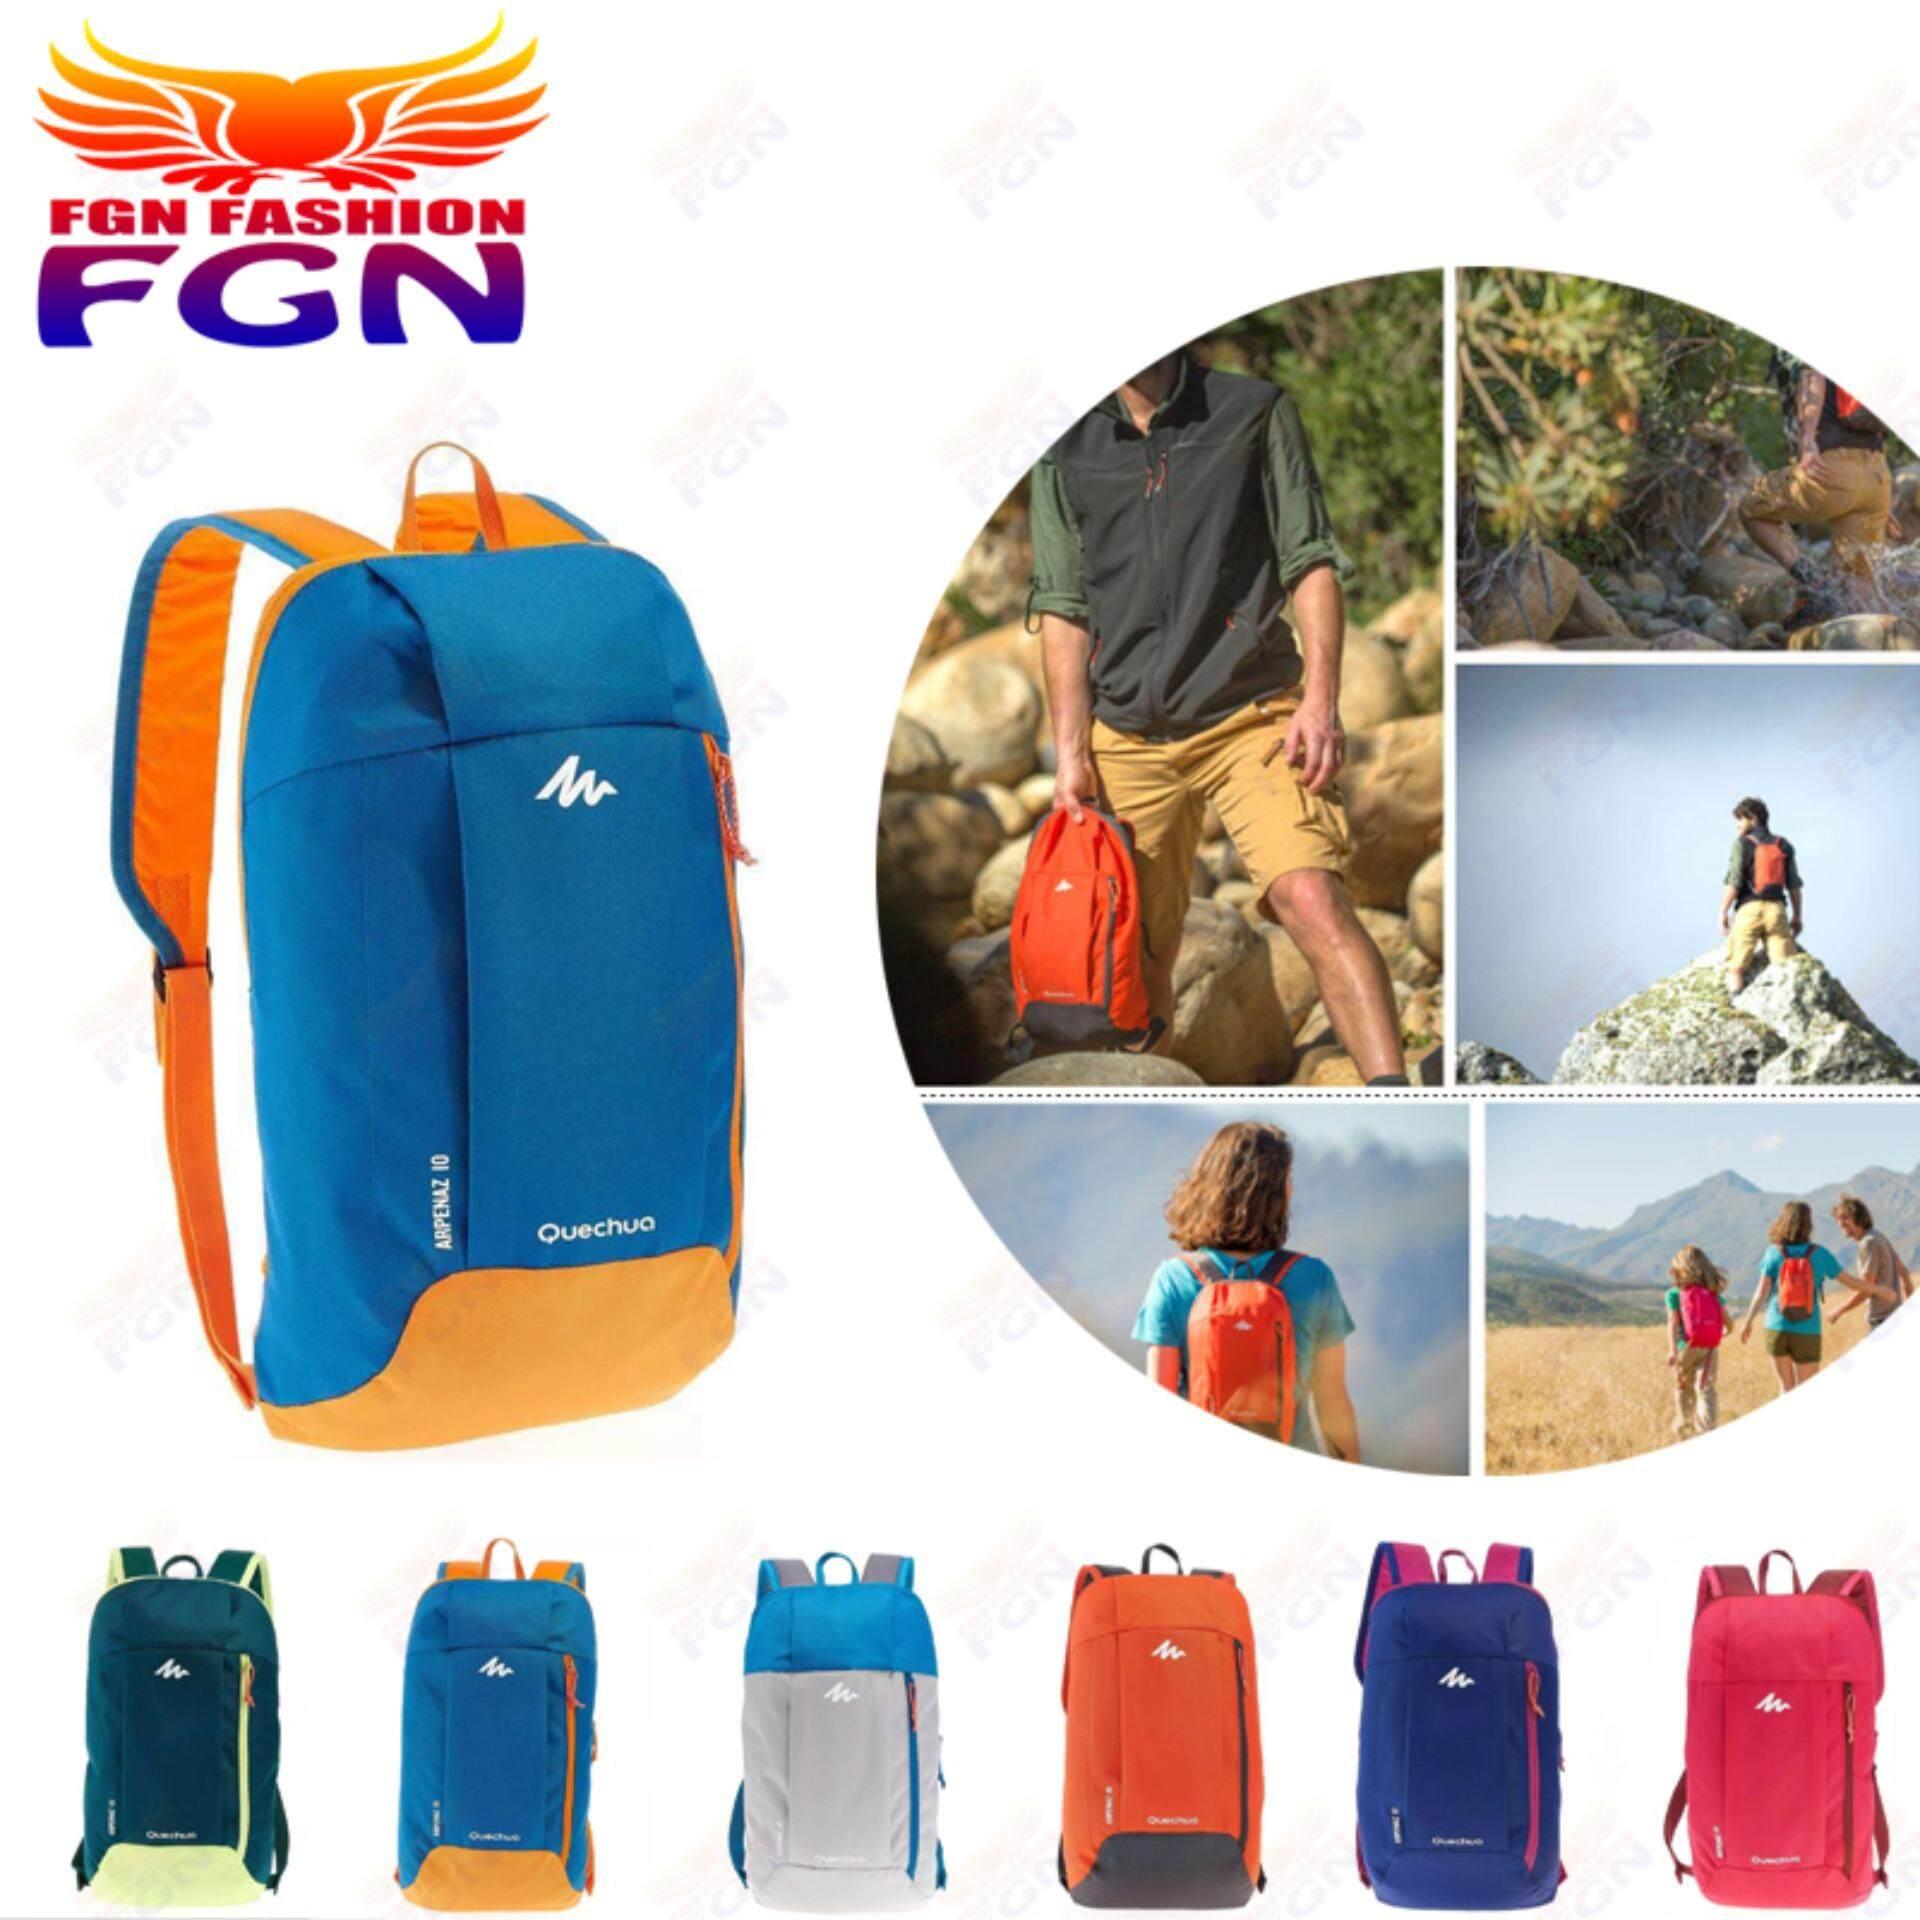 กระเป๋าถือ นักเรียน ผู้หญิง วัยรุ่น สงขลา FGN รุ่นใหม่ แบบออกกำลัง Backpack กระเป๋าเป้เบ็ดตเล็ด กระเป๋าเป้ท่องเที่ยว  Fashion Bag FGN 079(สีฟ้า)